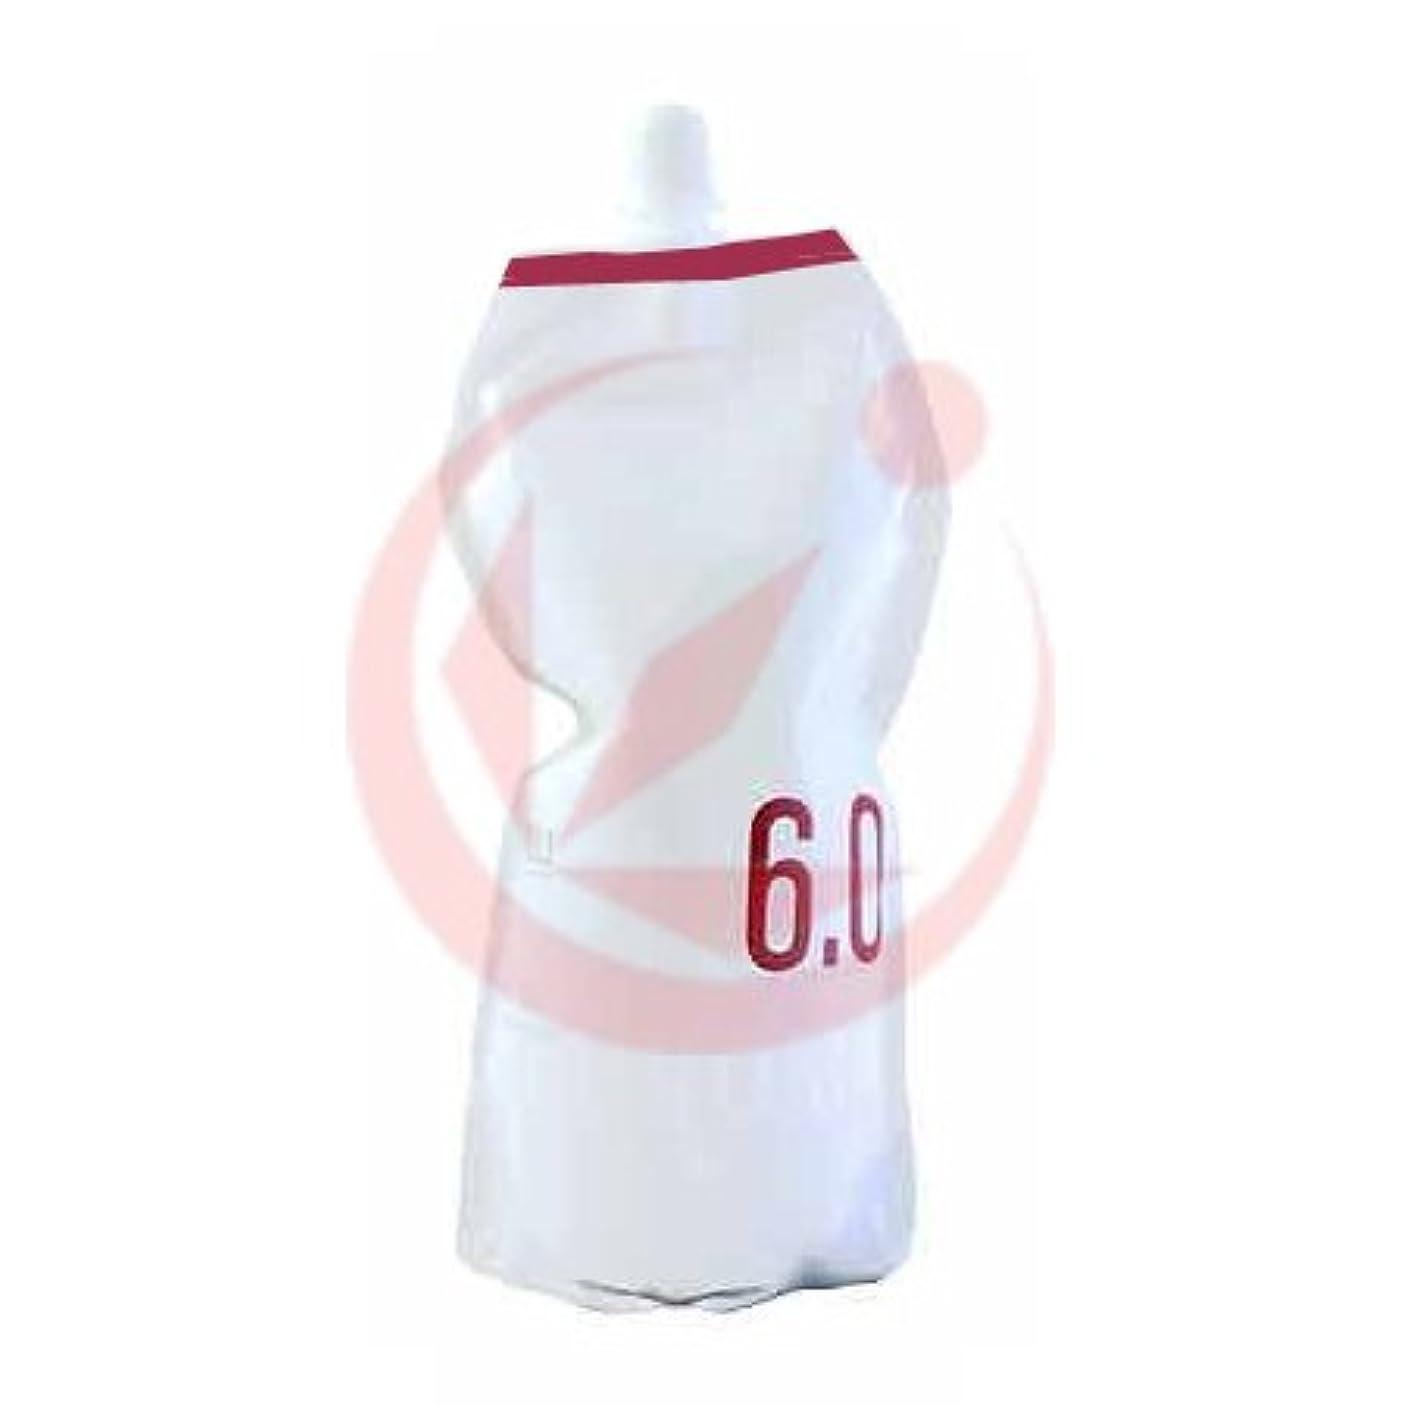 七面鳥チャレンジ計り知れないナンバースリー プロアクション リクロマ オキシ(OX) 1200ml(2剤) 6.0%*